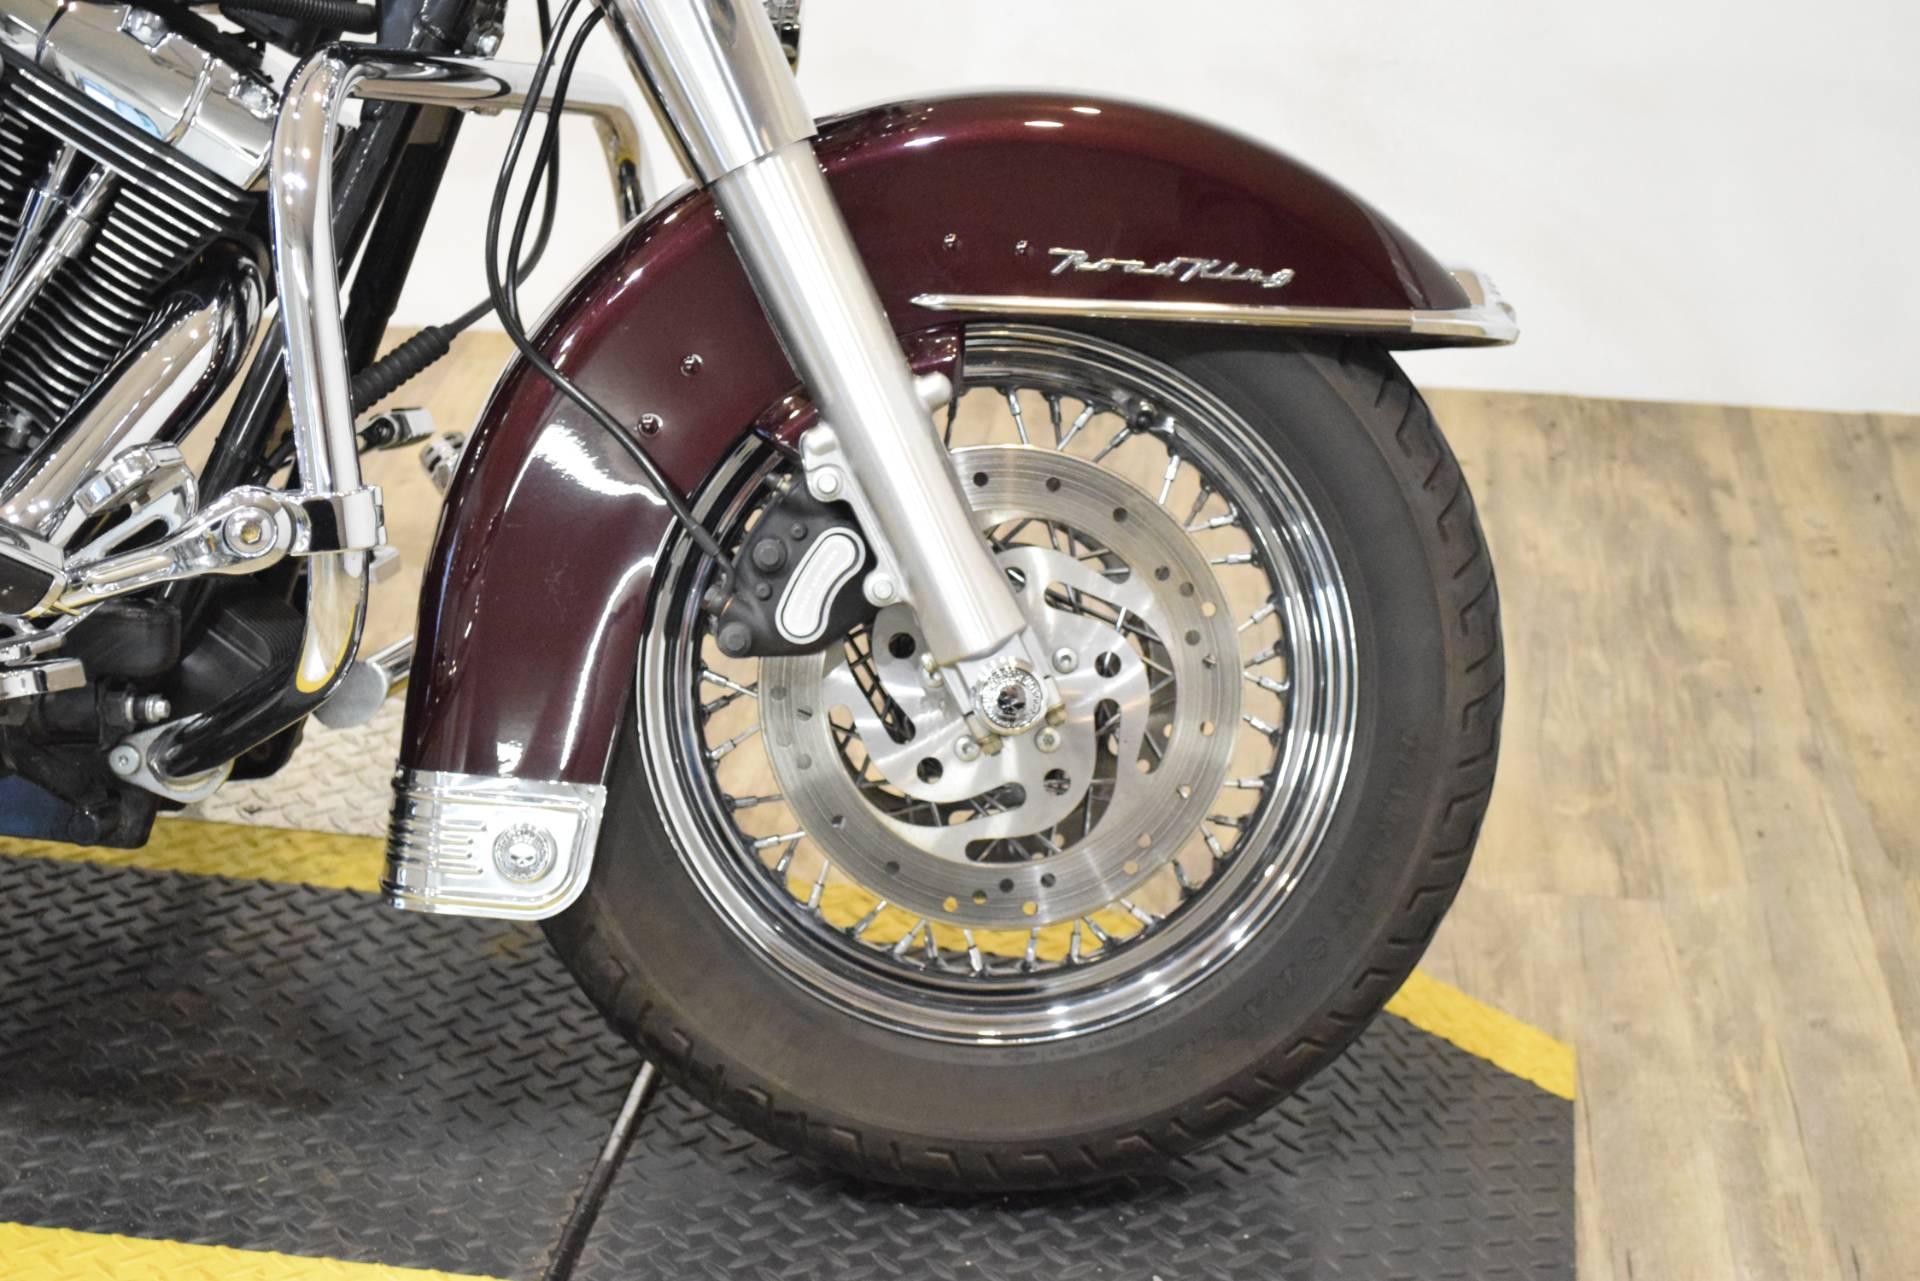 2005 Harley-Davidson FLHRS/FLHRSI Road King Custom 2